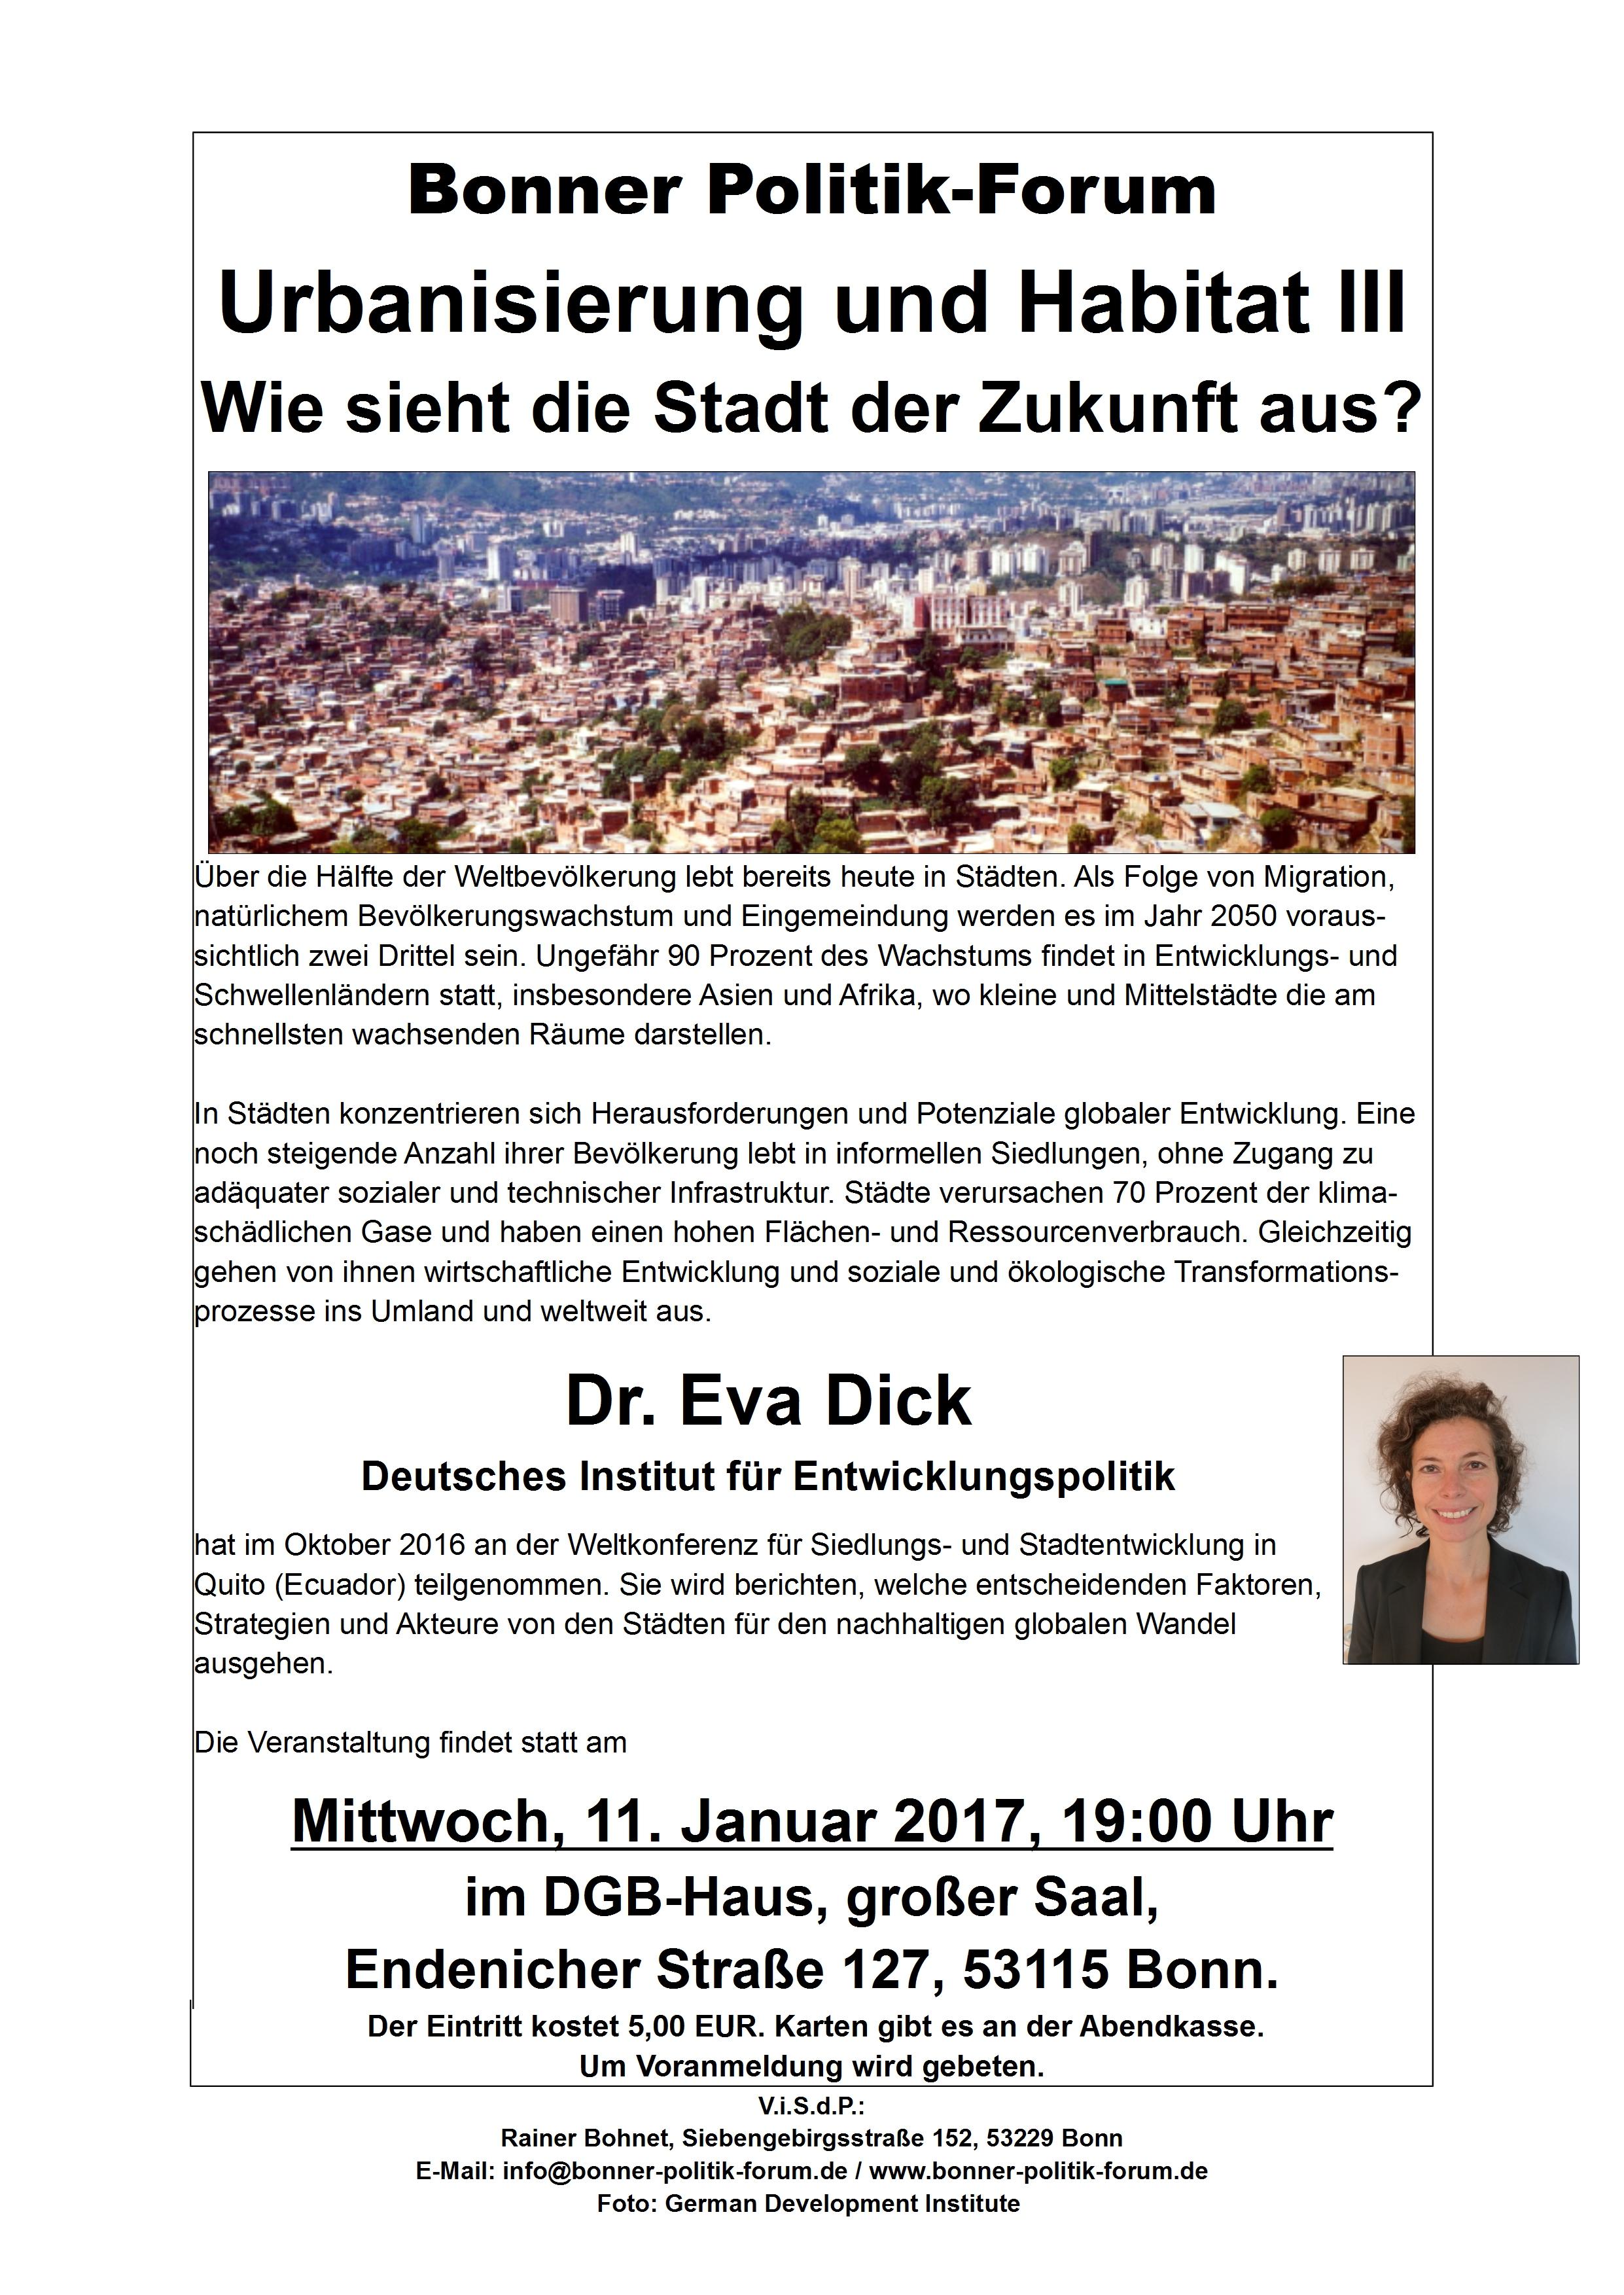 urbanisierung-und-habitat-iii